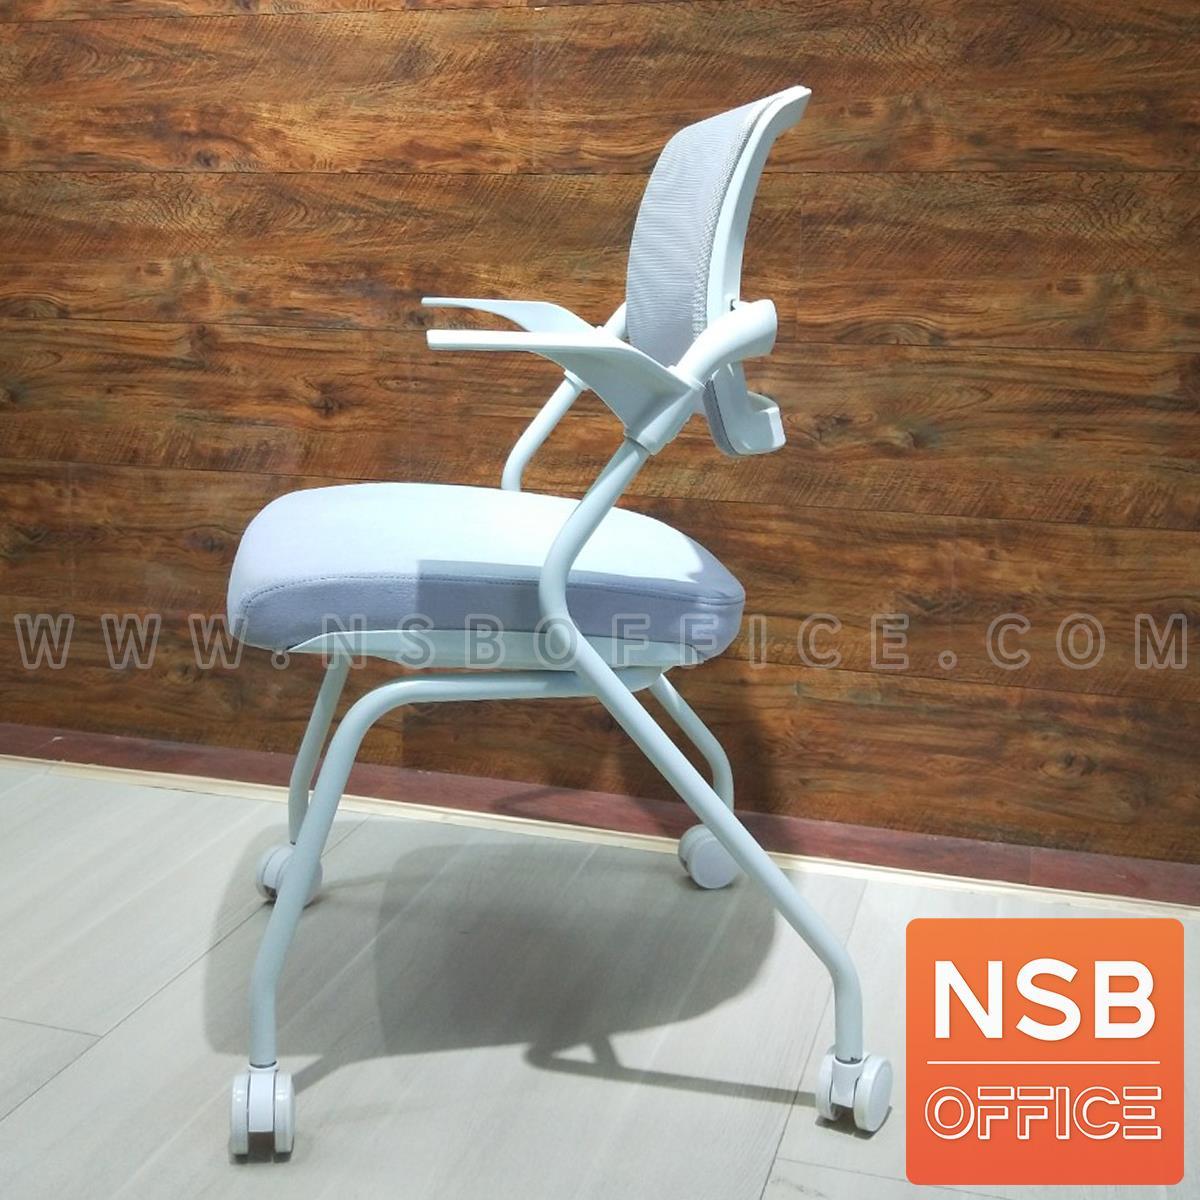 เก้าอี้อเนกประสงค์หุ้มผ้า รุ่น Shippie (ชิปปี้)  โครงขาเหล็ก